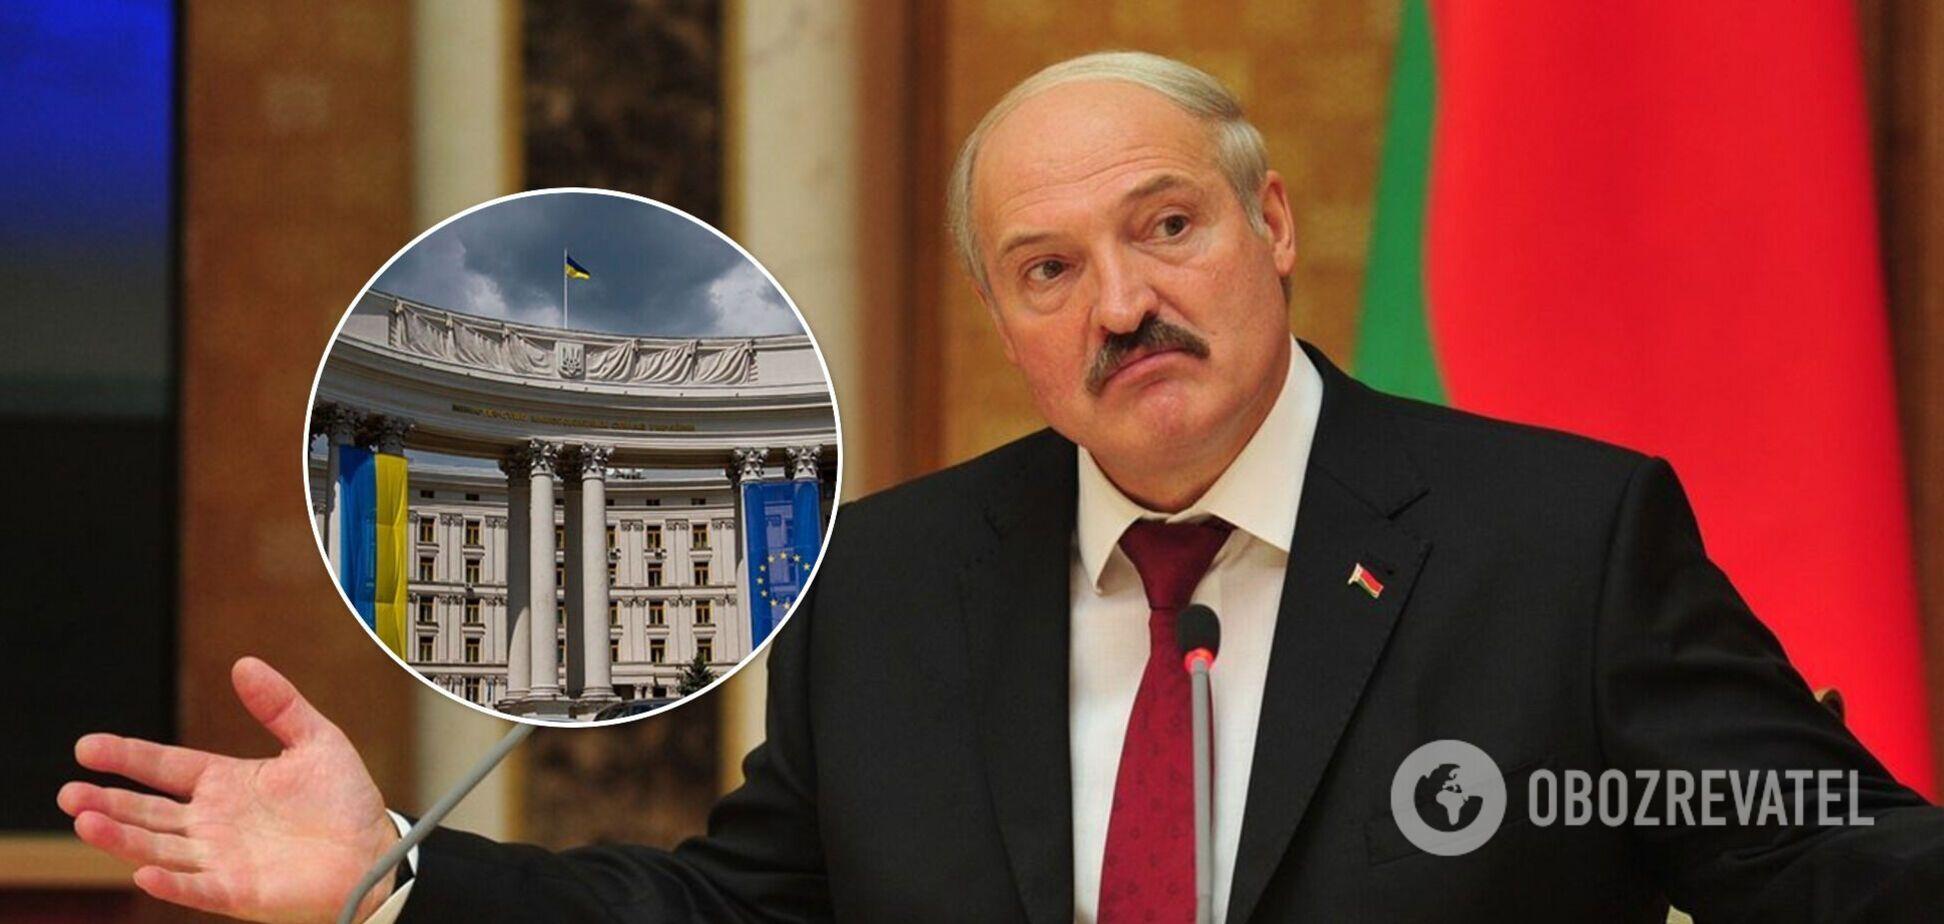 Посла Беларуси вызвали в МИД после скандальных заявлений Лукашенко об Украине